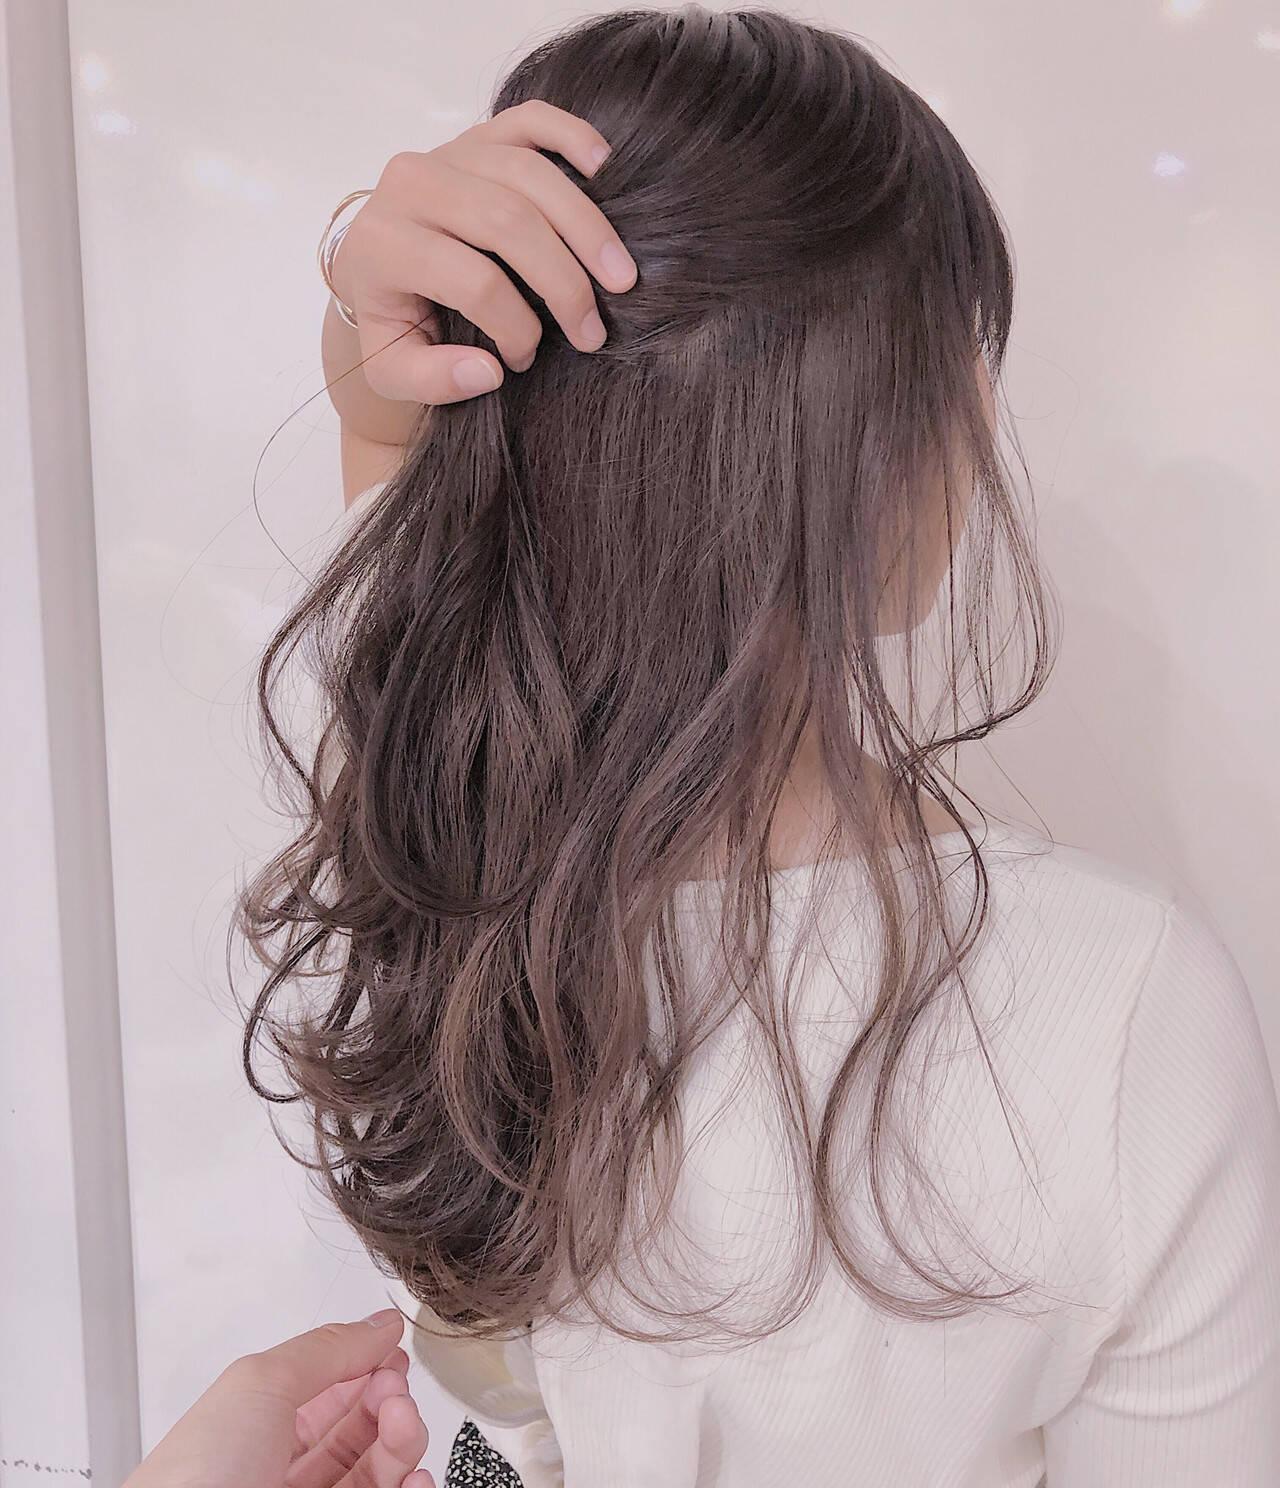 ラベンダーグレージュ ナチュラル ロング インナーピンクヘアスタイルや髪型の写真・画像